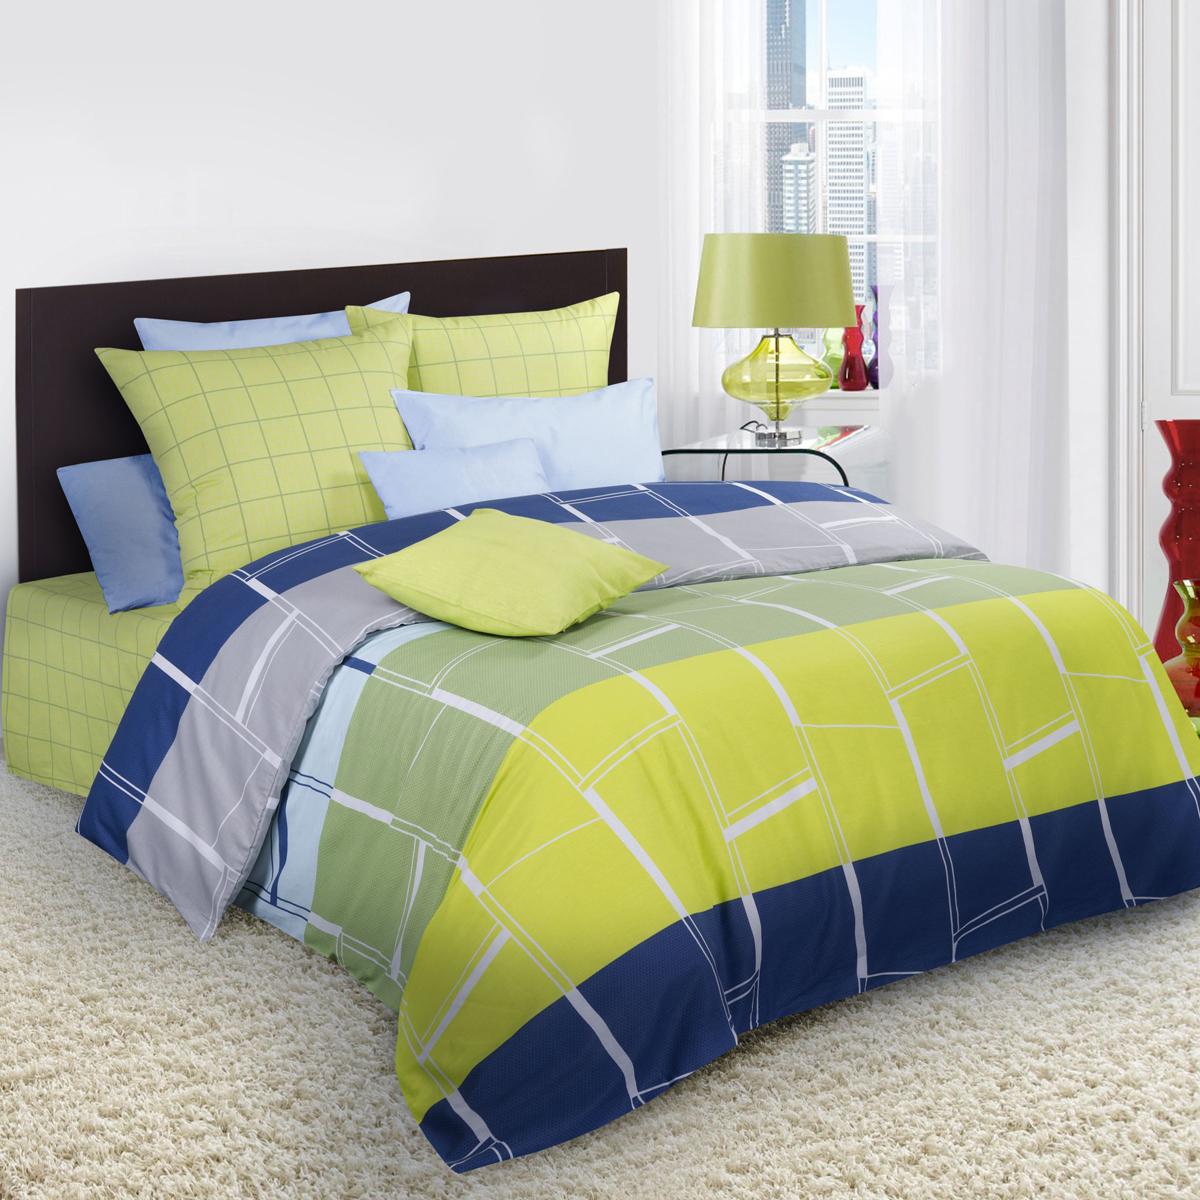 Комплект белья Guten Morgen, 1,5-спальный, наволочки 70х70. Пг-70175-143-150-70Пг-70175-143-150-70Не отказывайте себе в удовольствии оценить широкий спектр дизайнов, включающий в себя большое количество стилей и разнообразных мотивов. Комплект белья Guten Morgen - свежее решение в вопросе выбора между комфортом и изысканностью. Коллекция постельного белья Guten Morgen рождена с особым теплом и заботой, чтобы впоследствии стать стильной деталью вашего интерьера.